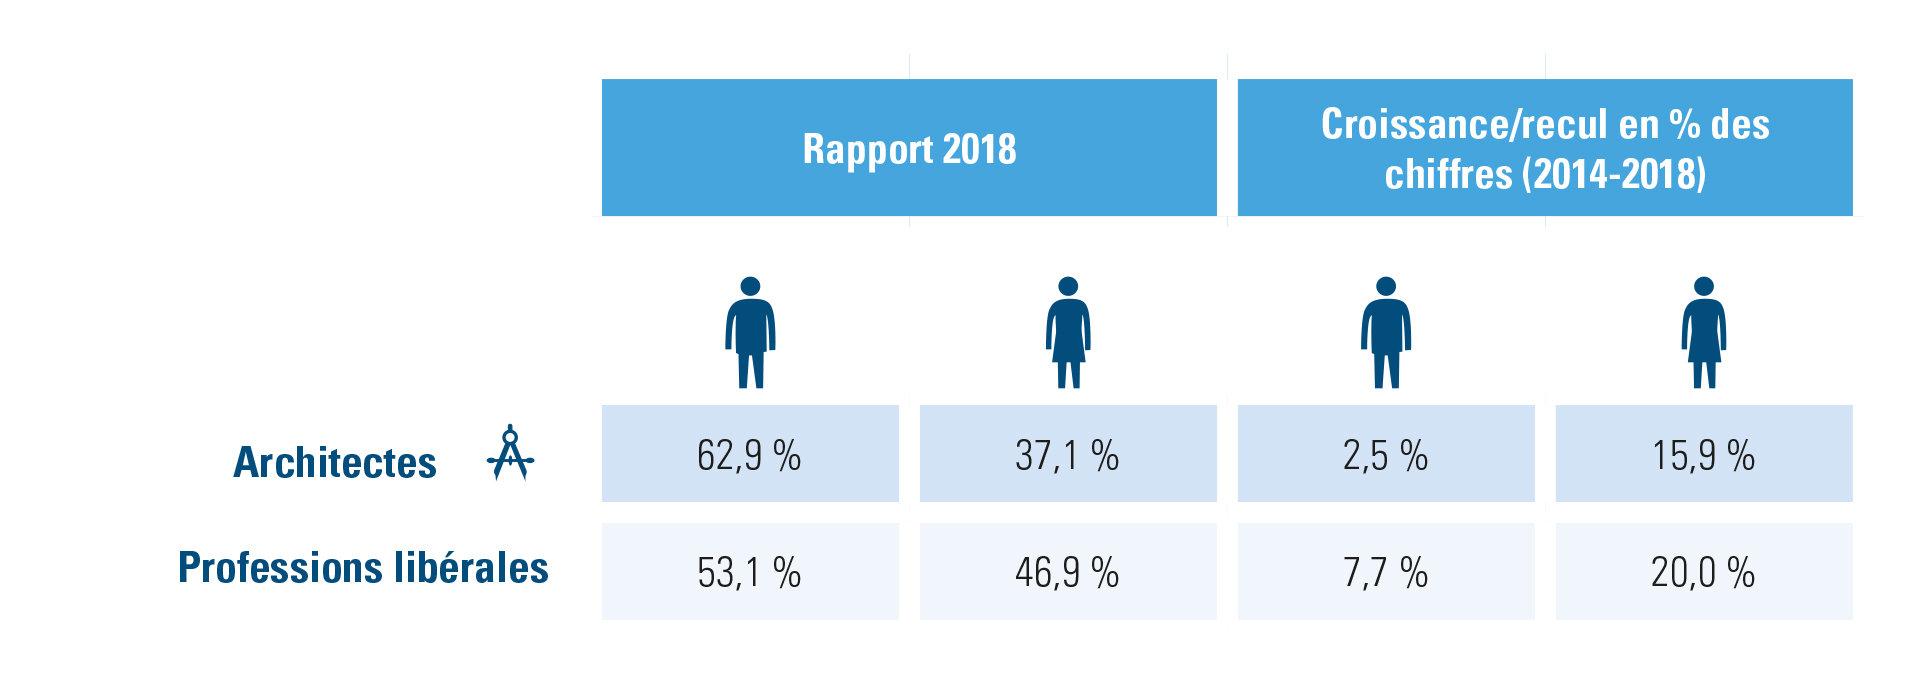 Professions libérales, rapport et croissance H/F 2014-2018